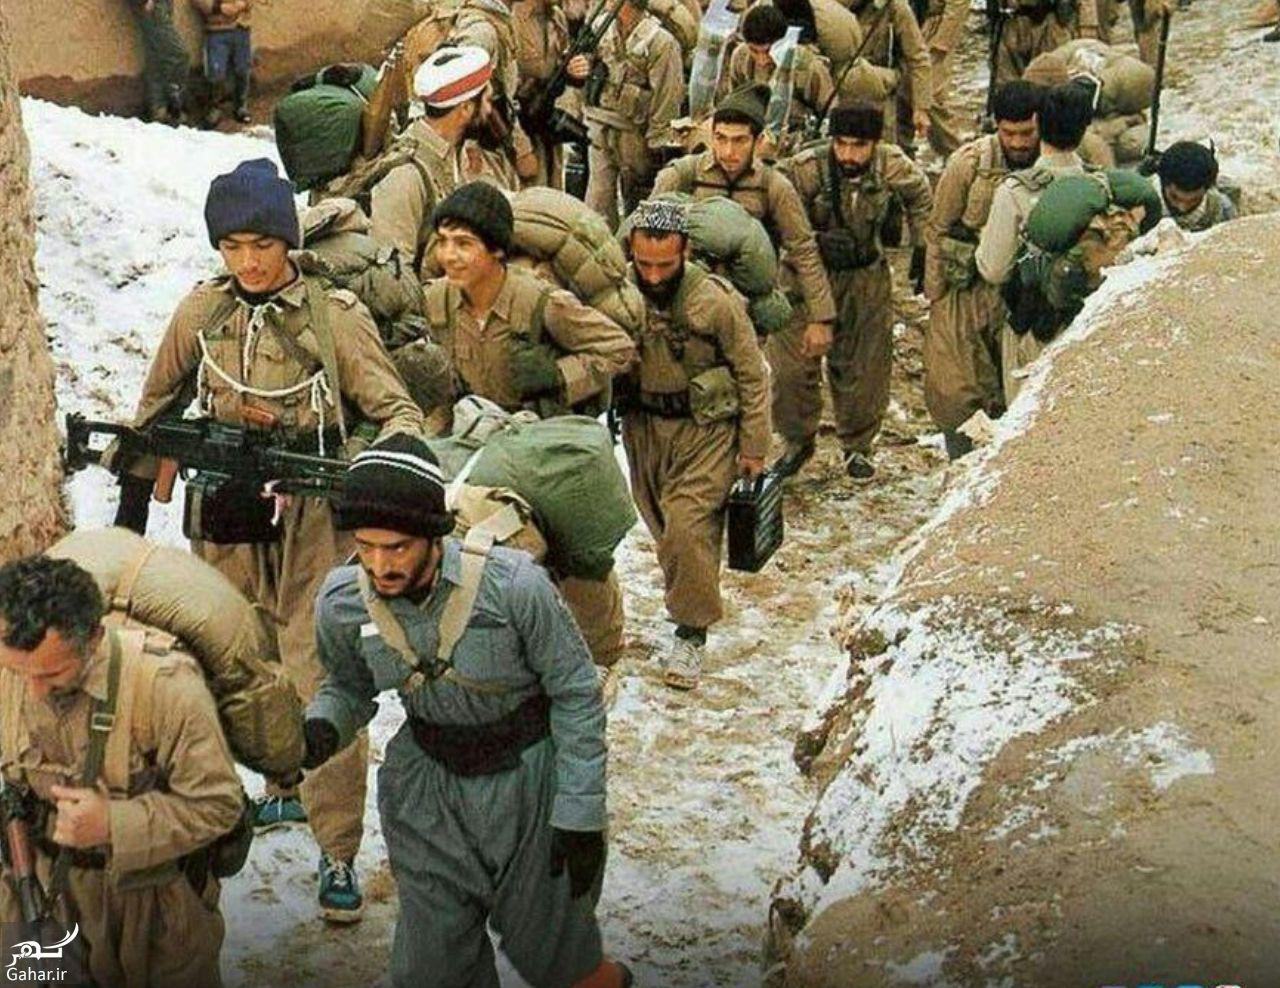 زیباترین تفسیر از قرعه ایران در گروه مرگ ،از جنگ تا جام جهانی / عکس, جدید 1400 -گهر